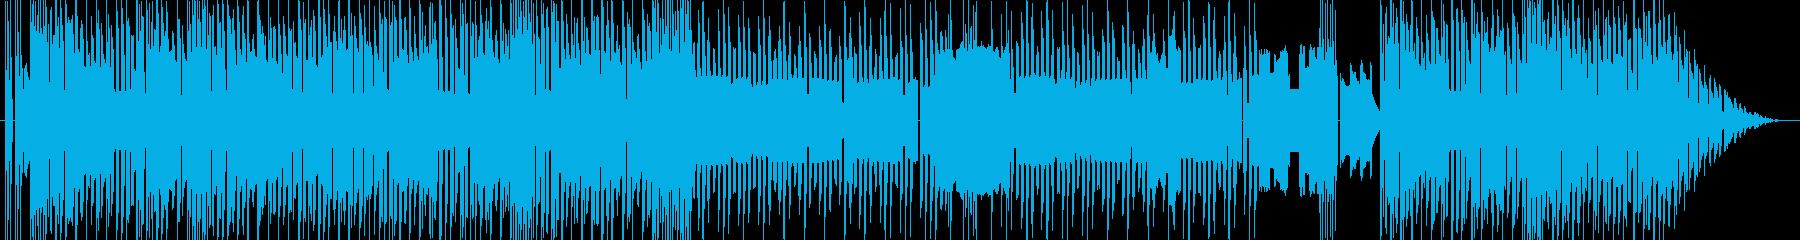 ファミコン風 オープニングBGMの再生済みの波形